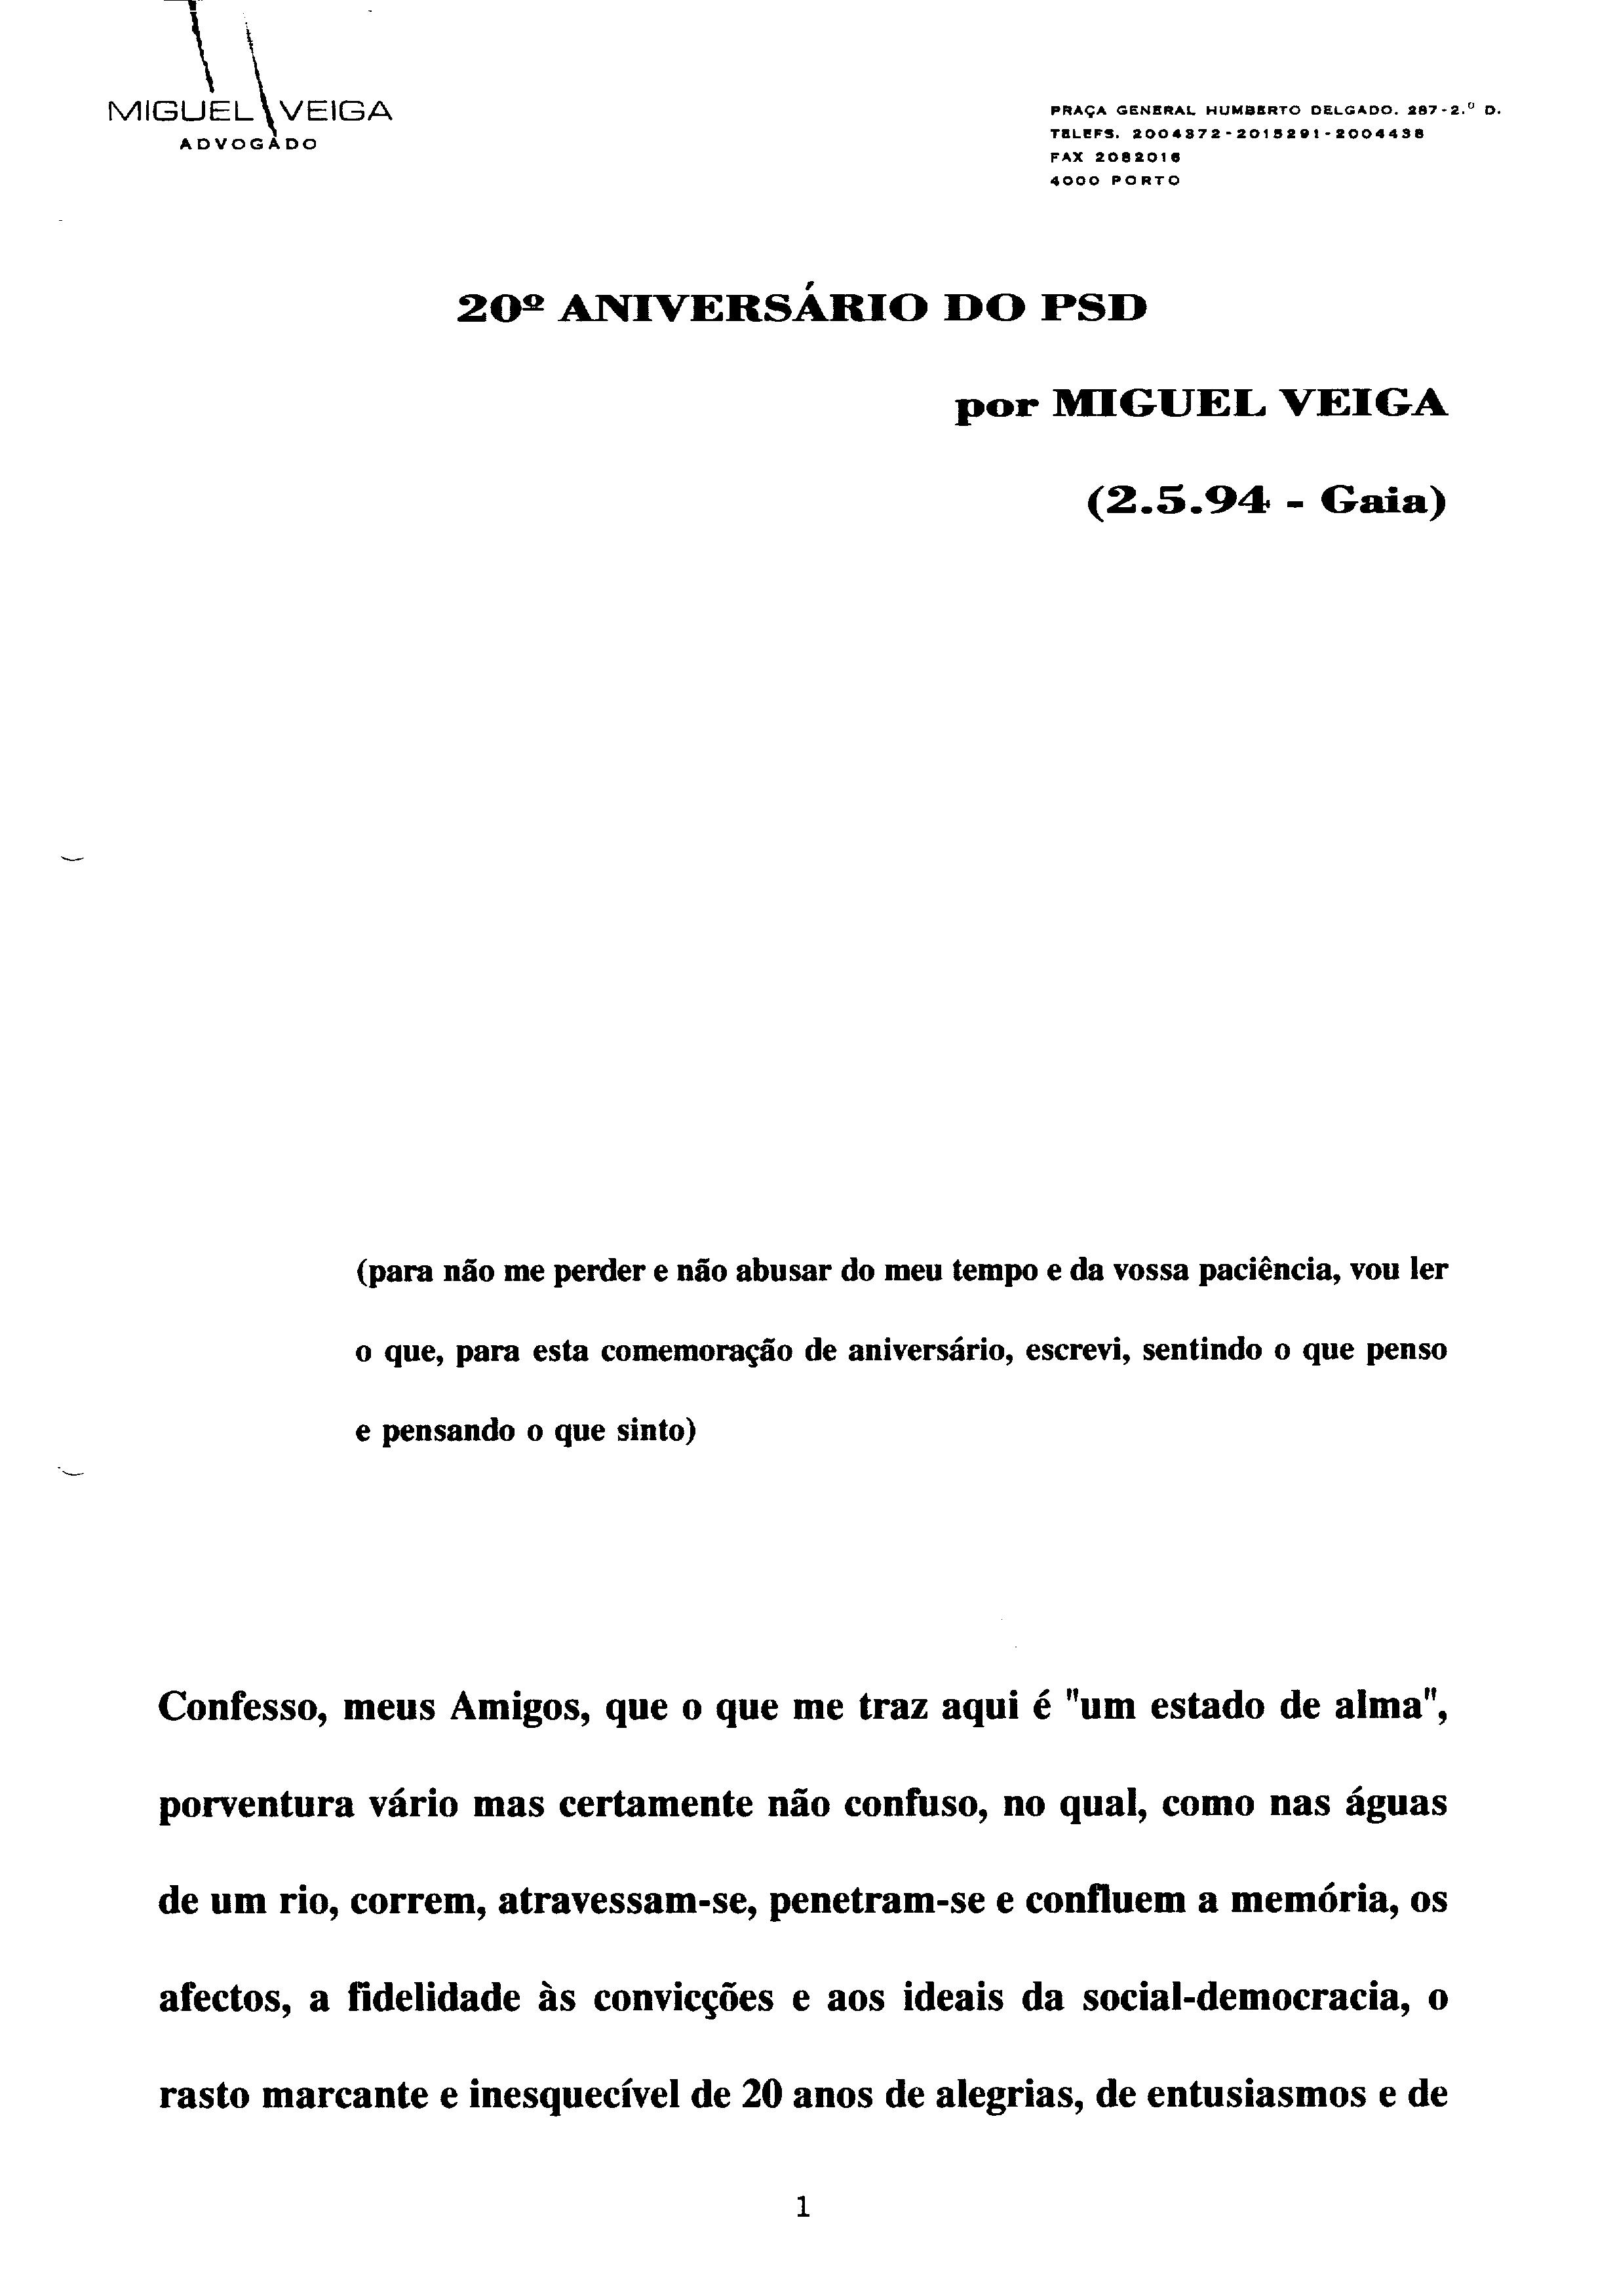 02004.021- pag.2